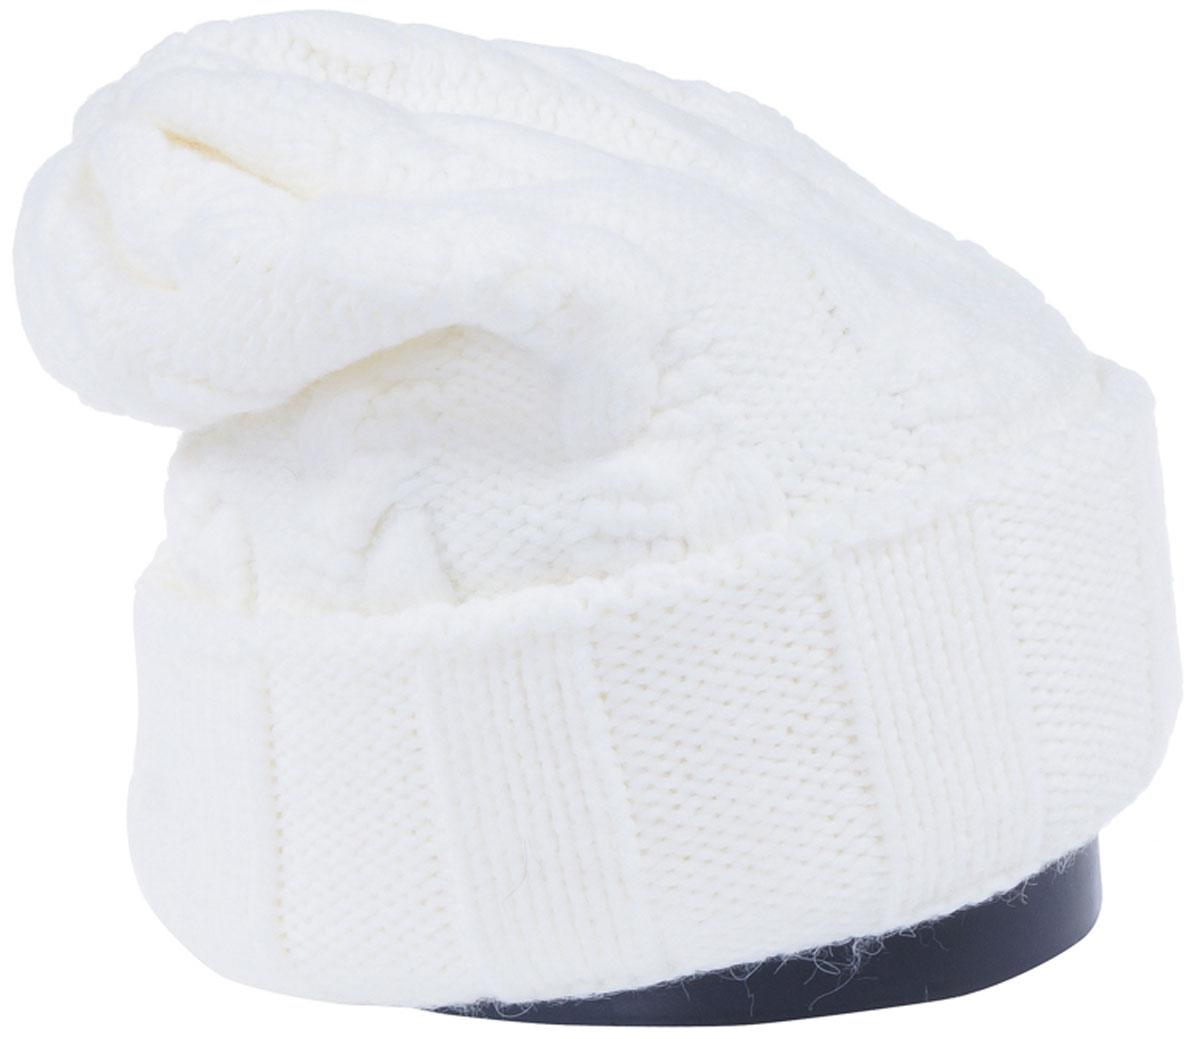 Шапка женская Vittorio Richi, цвет: белый. Aut141937V-11/17. Размер 56/58Aut141937VСтильная женская шапка Vittorio Richi отлично дополнит ваш образ в холодную погоду. Модель, изготовленная из высококачественных материалов, максимально сохраняет тепло и обеспечивает удобную посадку. Шапка дополнена ажурной вязкой. Привлекательная стильная шапка подчеркнет ваш неповторимый стиль и индивидуальность.Шапка двойная